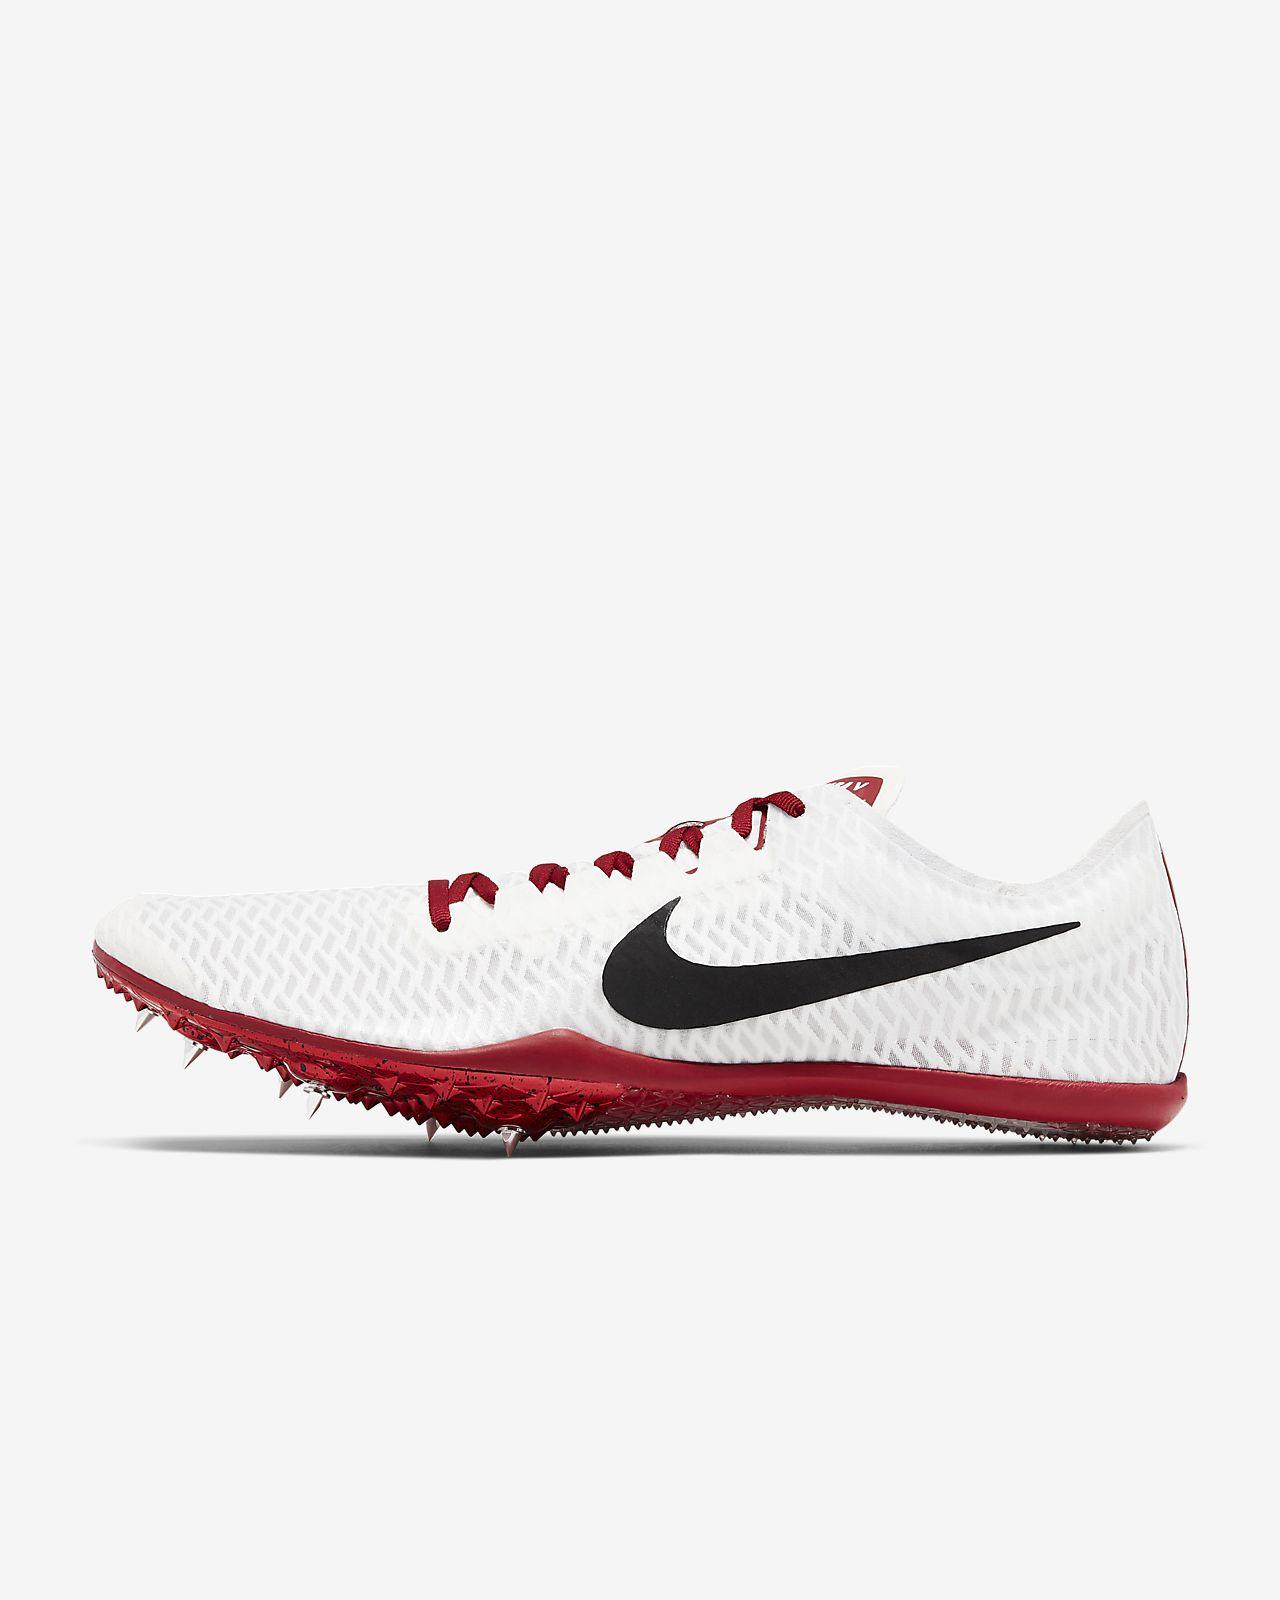 Nike Zoom Mamba 5 Bowerman Track Club Running Shoe